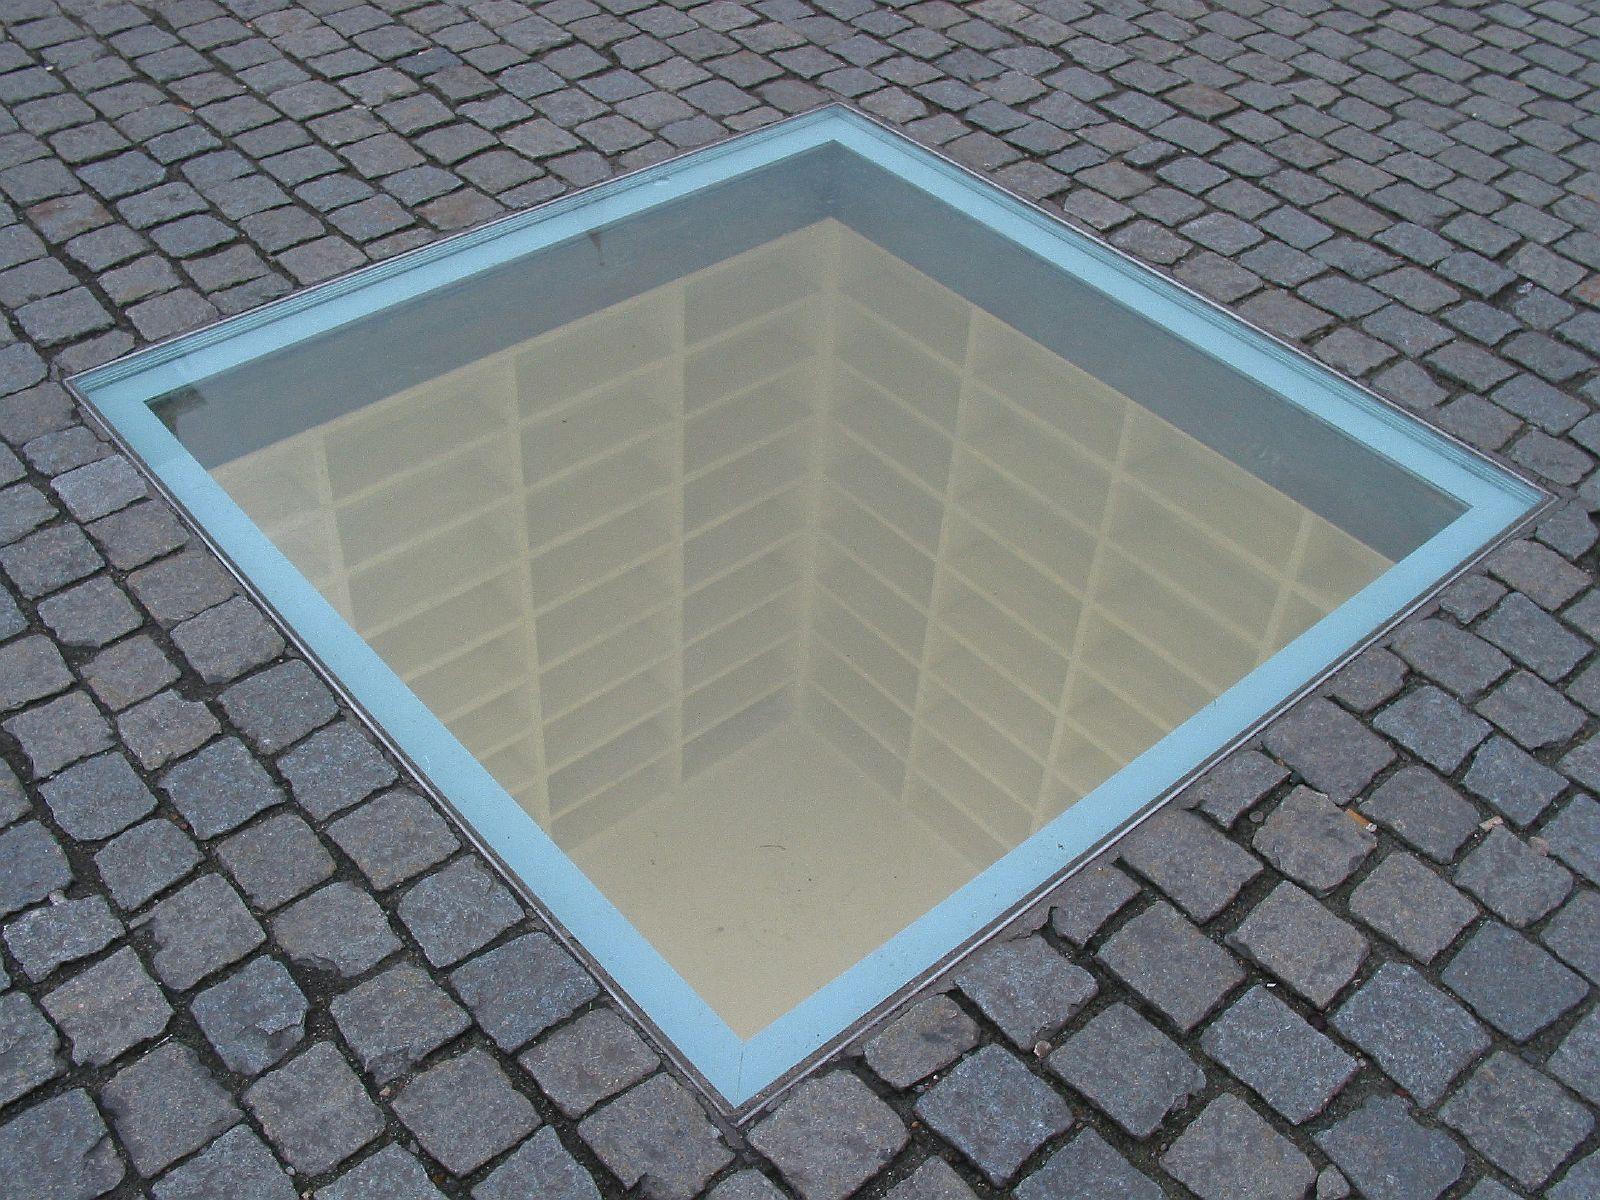 Bebelplatz book burning in america